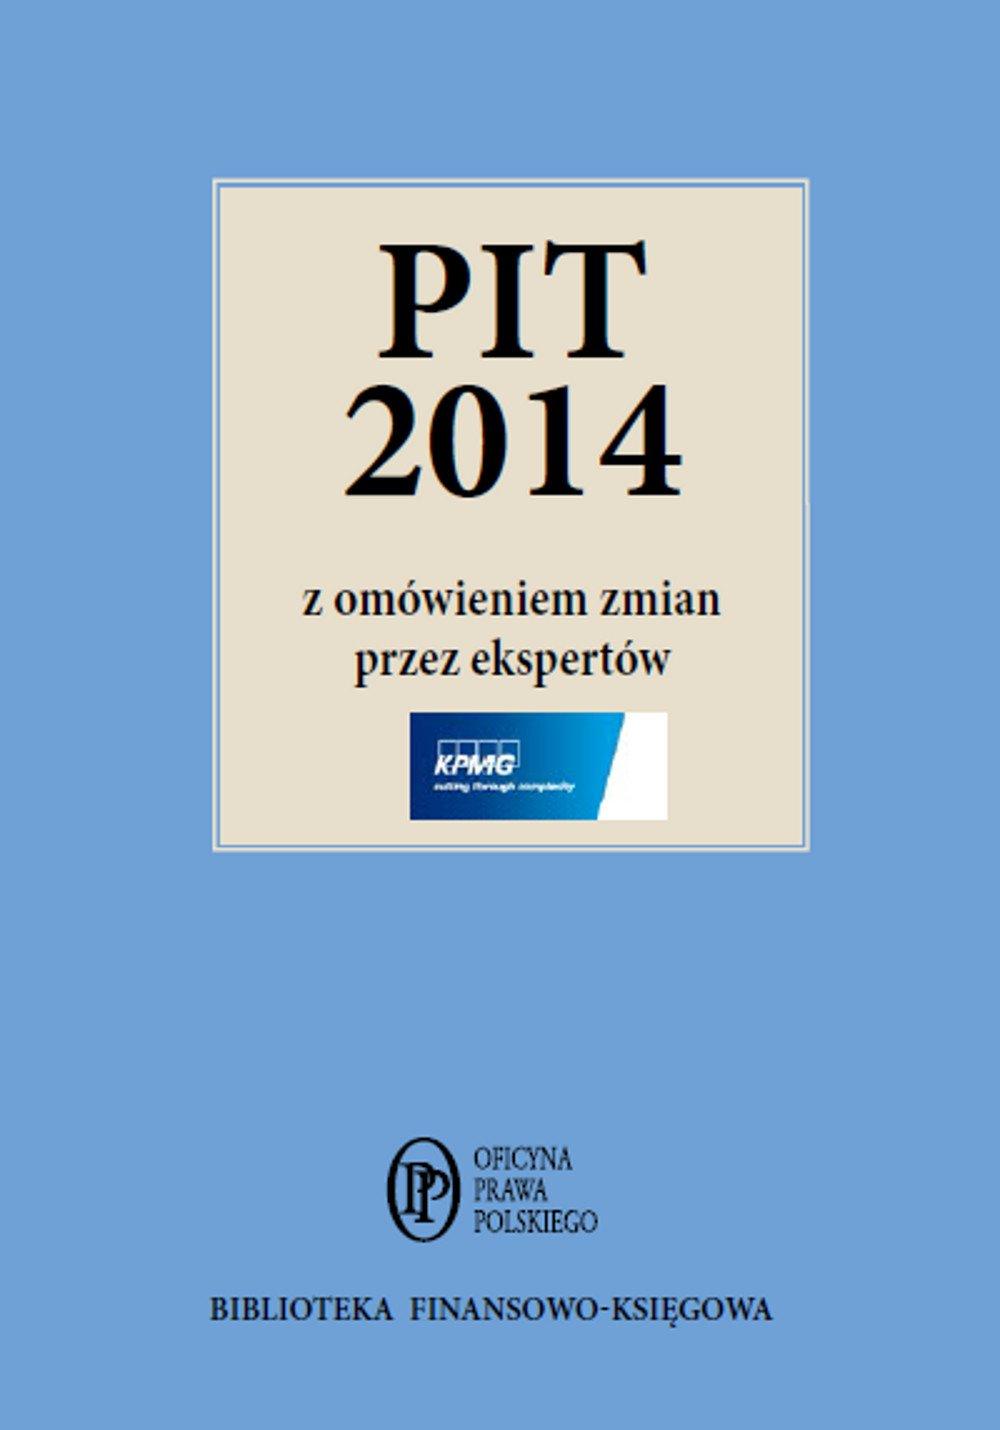 PIT 2014 z omówieniem ekspertów KPMG - Ebook (Książka na Kindle) do pobrania w formacie MOBI